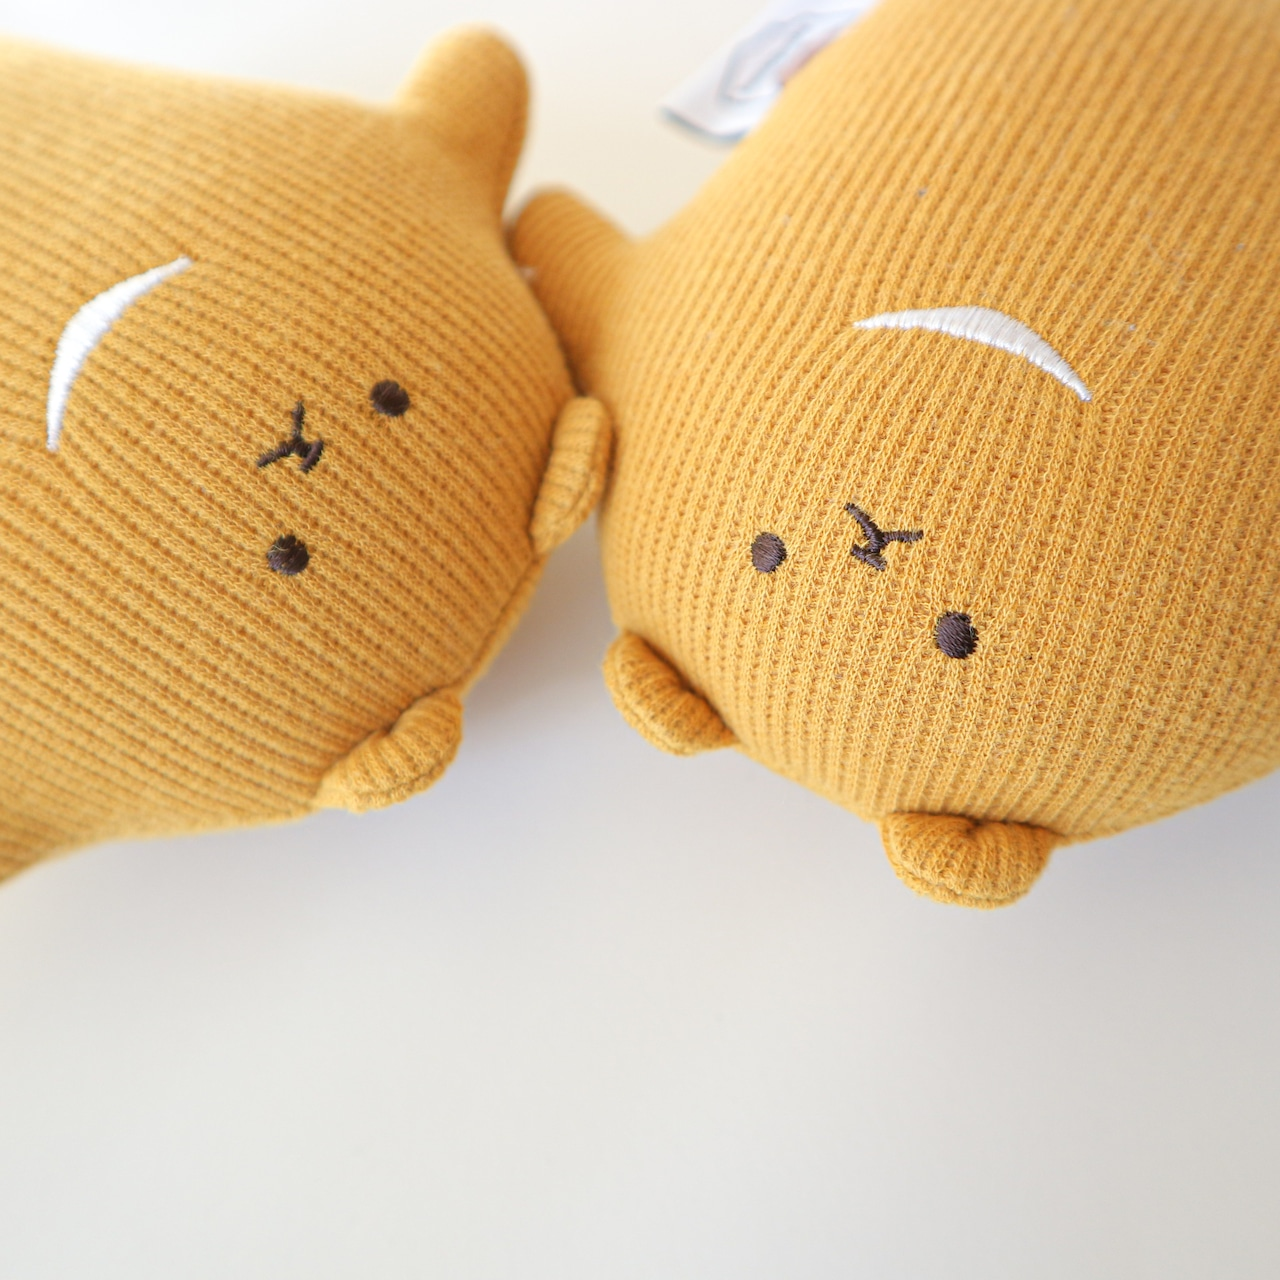 21,10月のつみきのわぐまさん(栗かぼちゃん